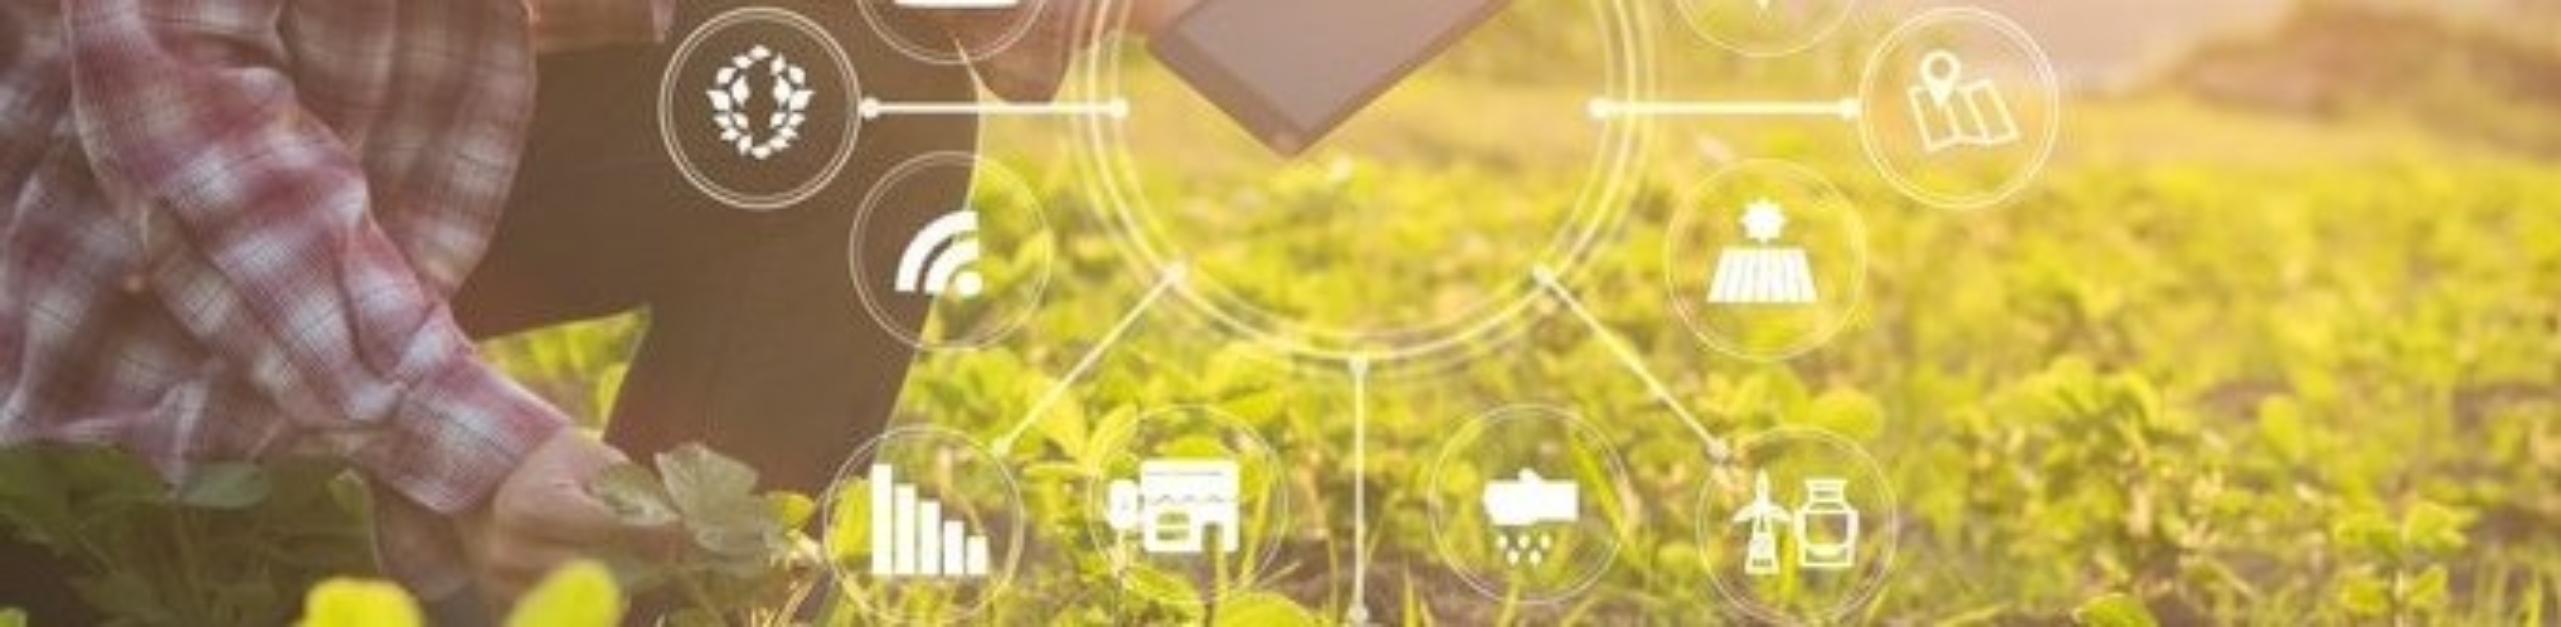 """Los 5 factores en común de las empresas alimentarias que van a salir  reforzadas en este """"entorno de visibilidad limitada"""""""